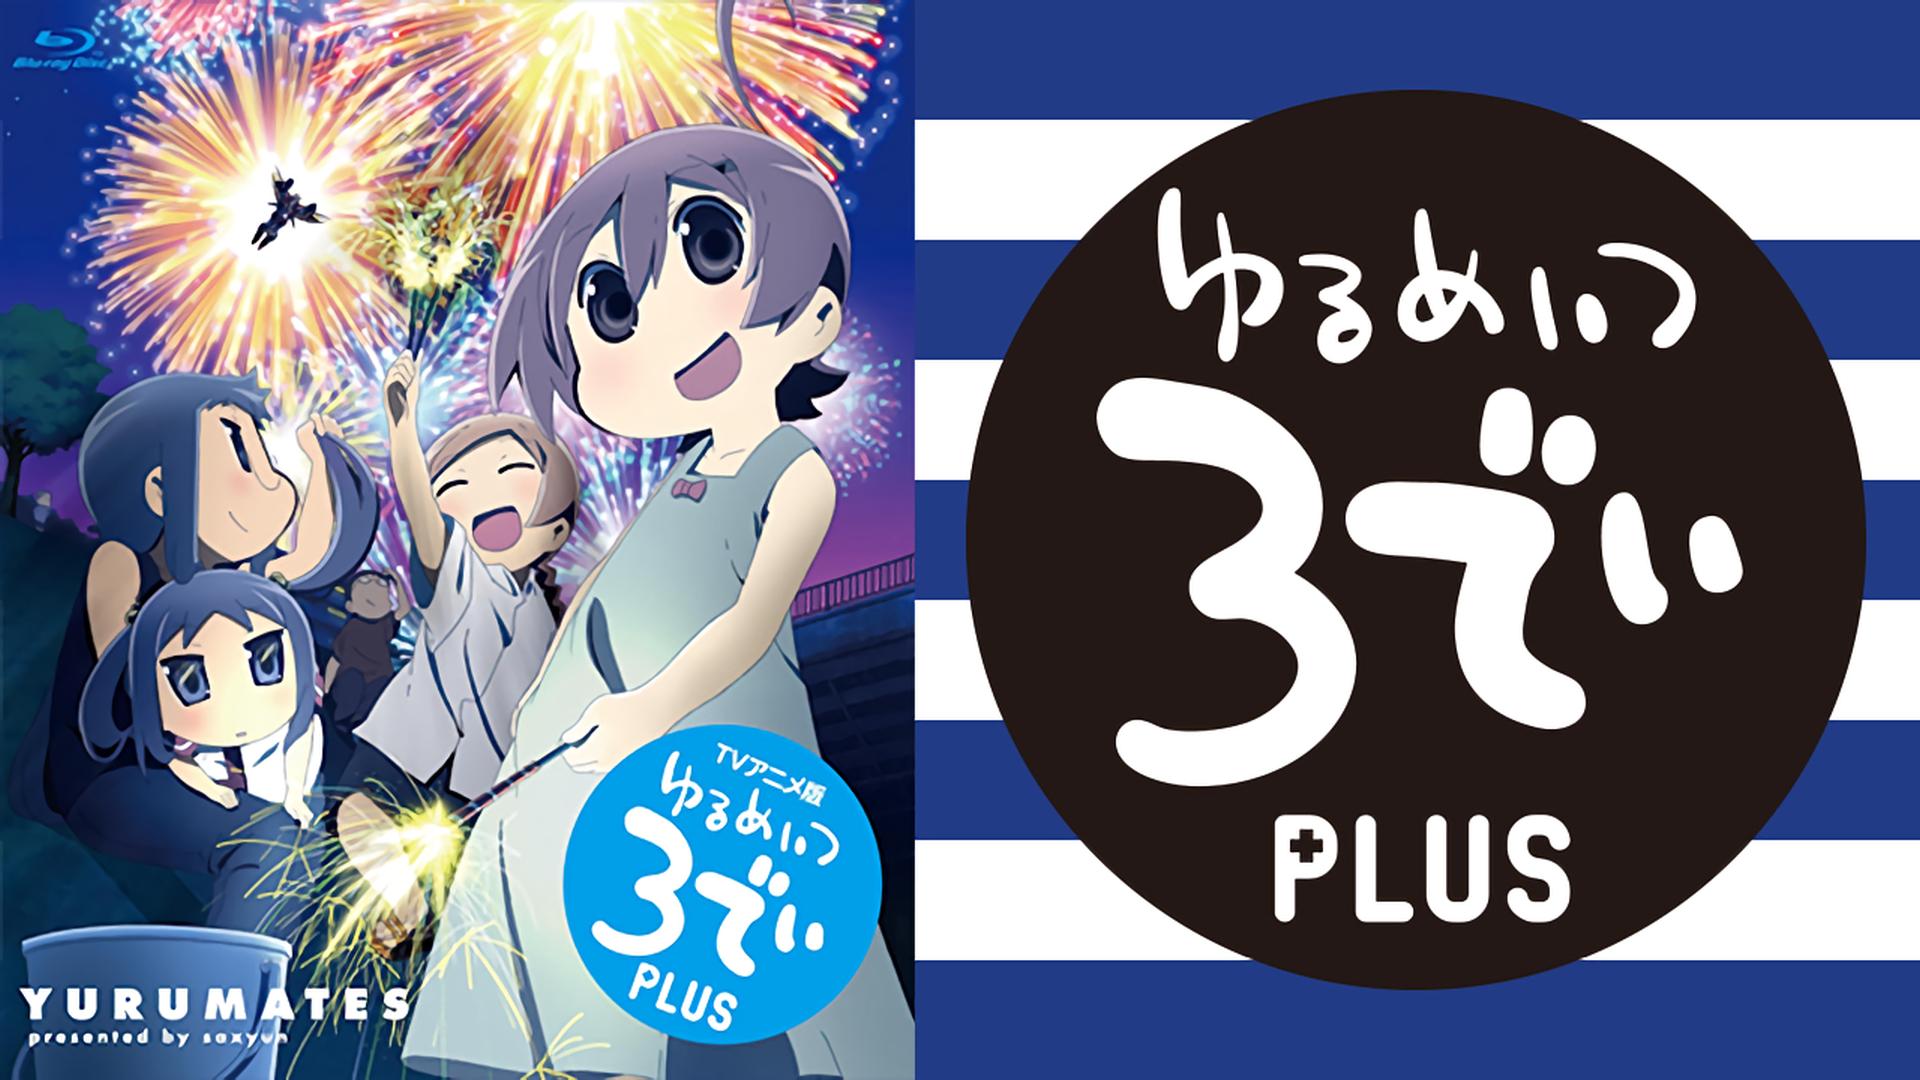 TVアニメ版 ゆるめいつ 3でぃ PLUS(dアニメストア)